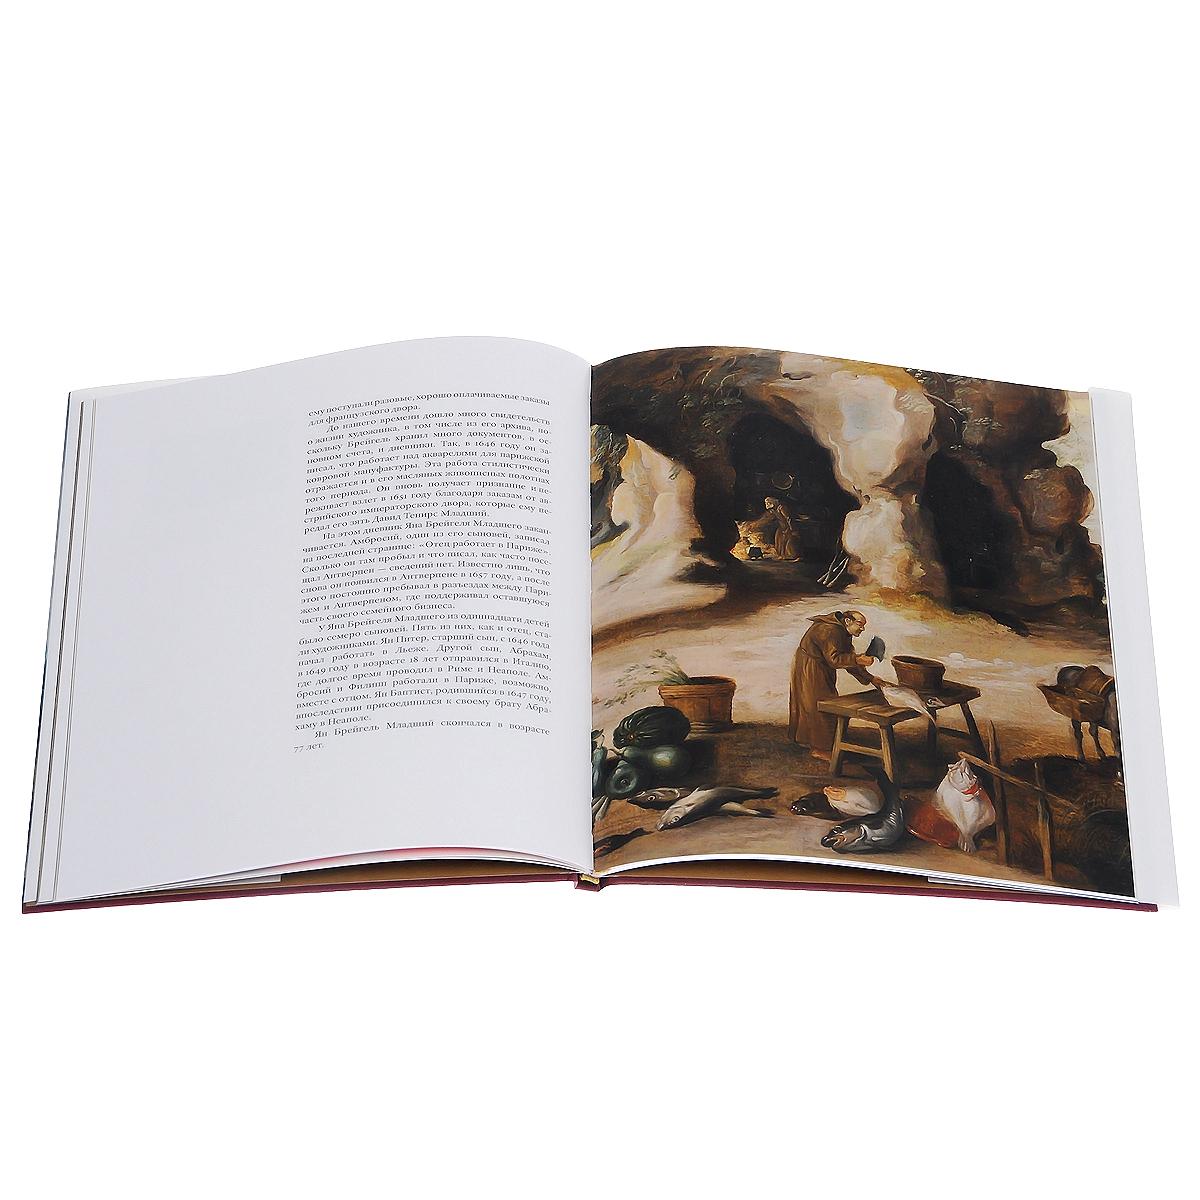 Ян Брейгель Младший. Две неизвестные картины позднего периода творчества художника